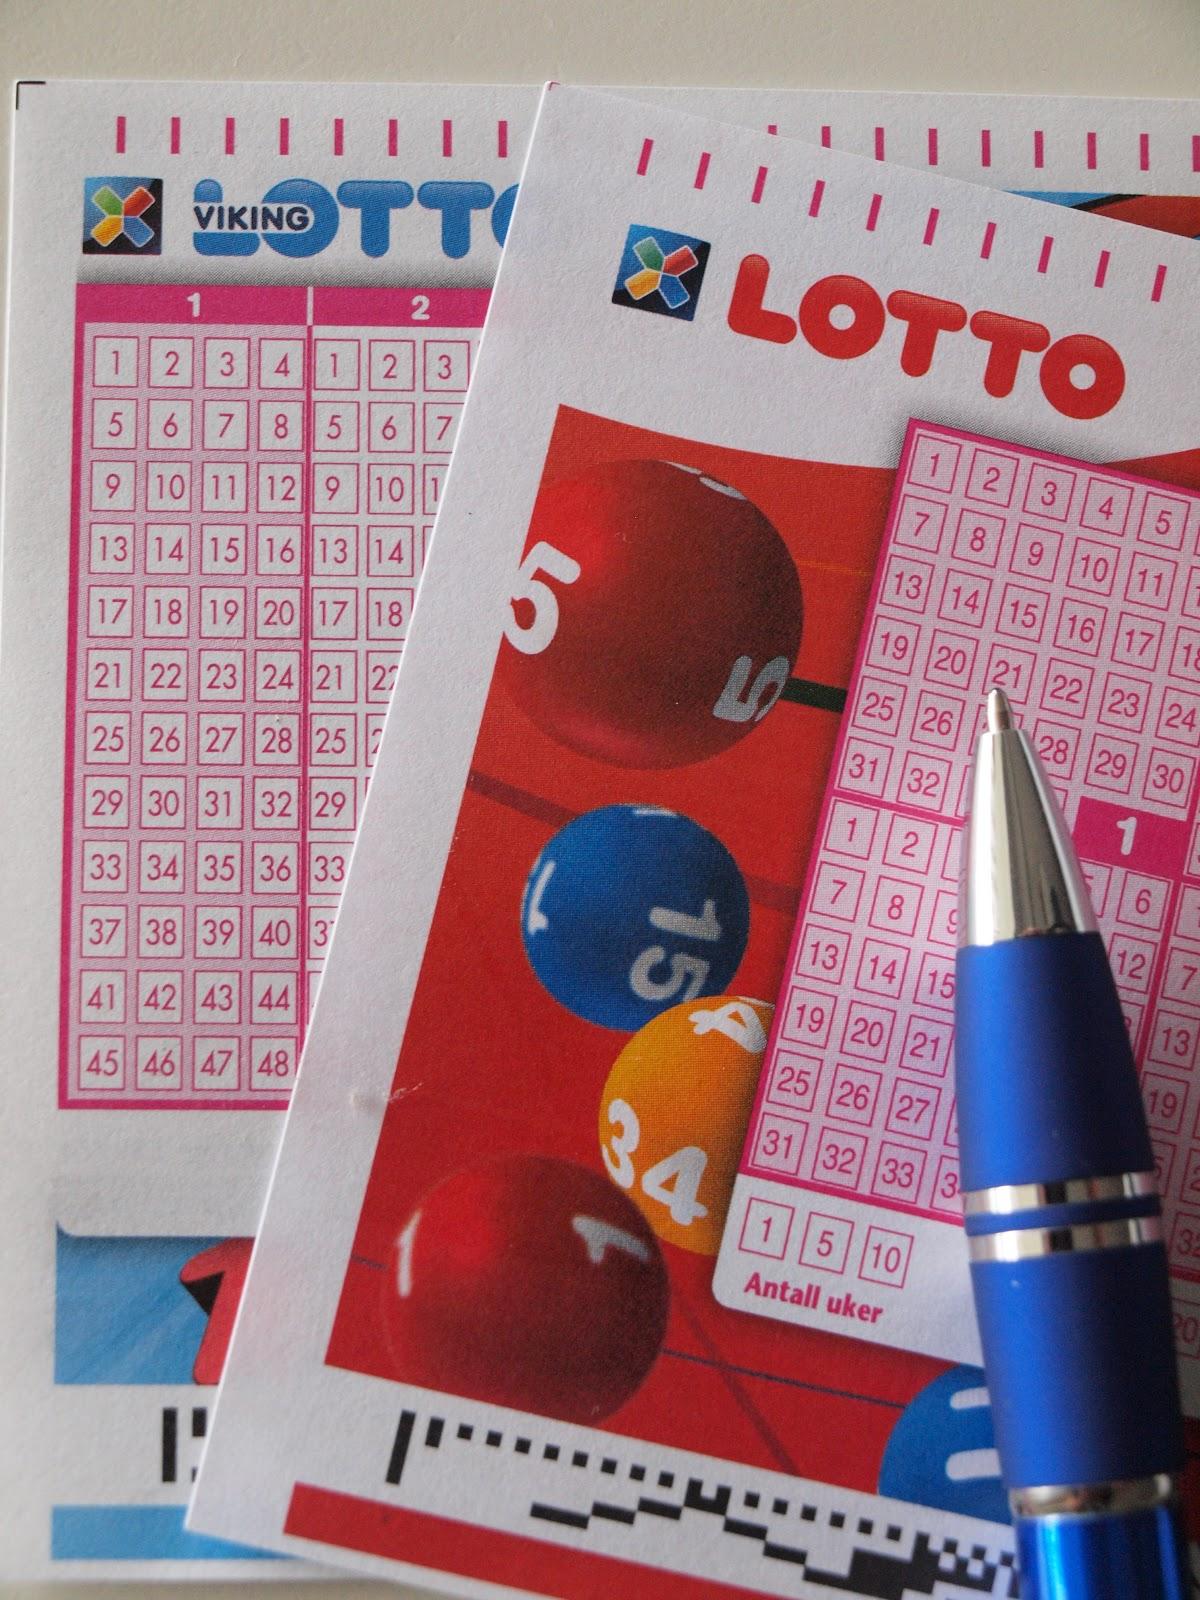 Vinne I Lotto Sannsynlighet